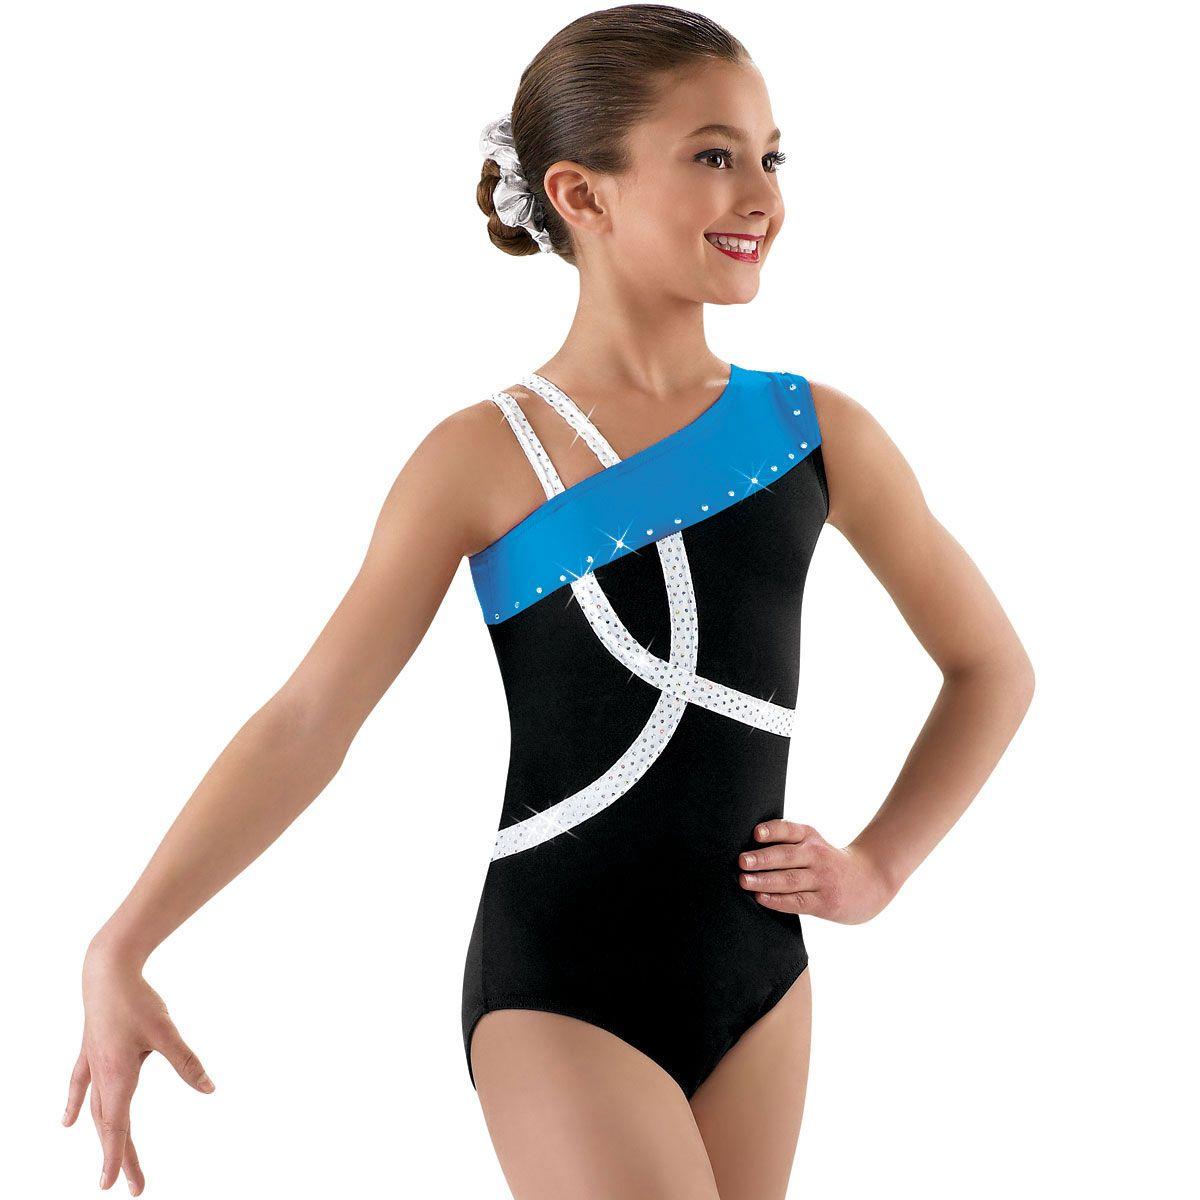 Image result for gymnastic leotards